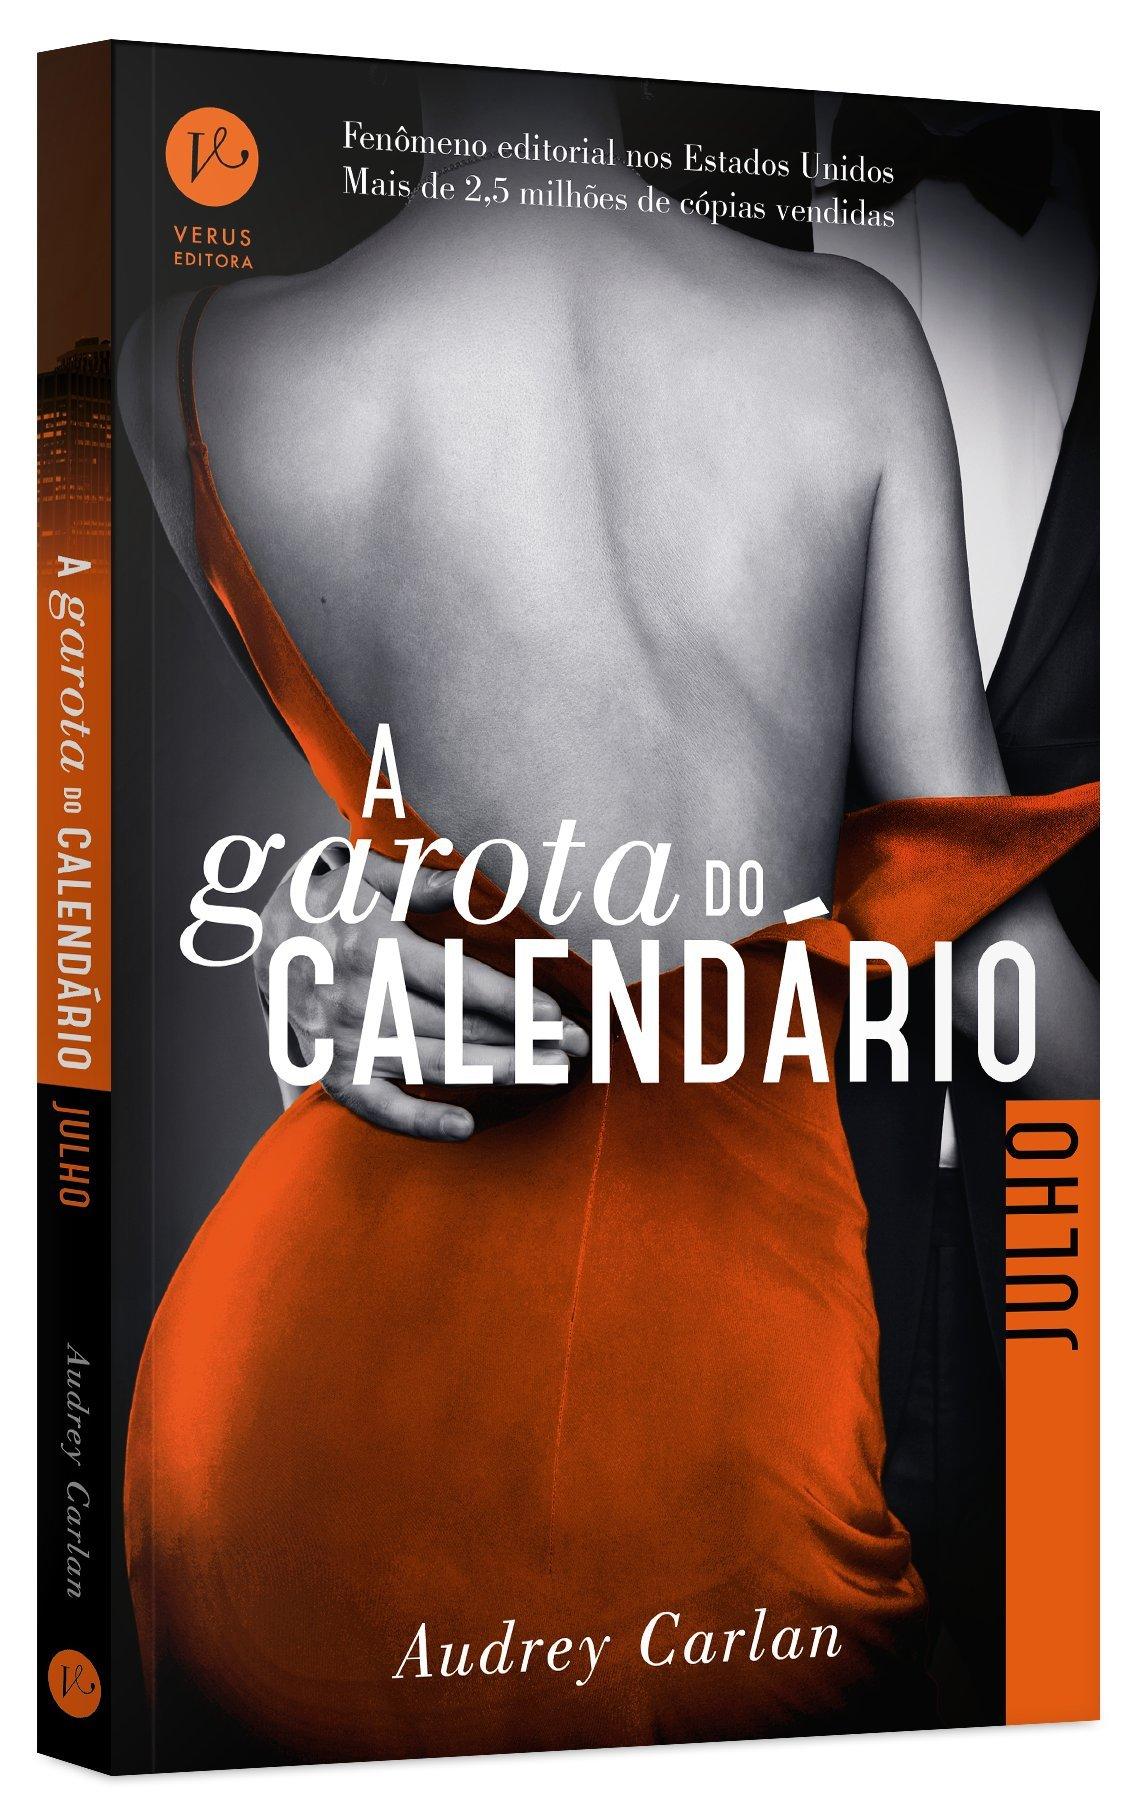 Livros: Especial - A Garota do Calendario na Amazon.com.br